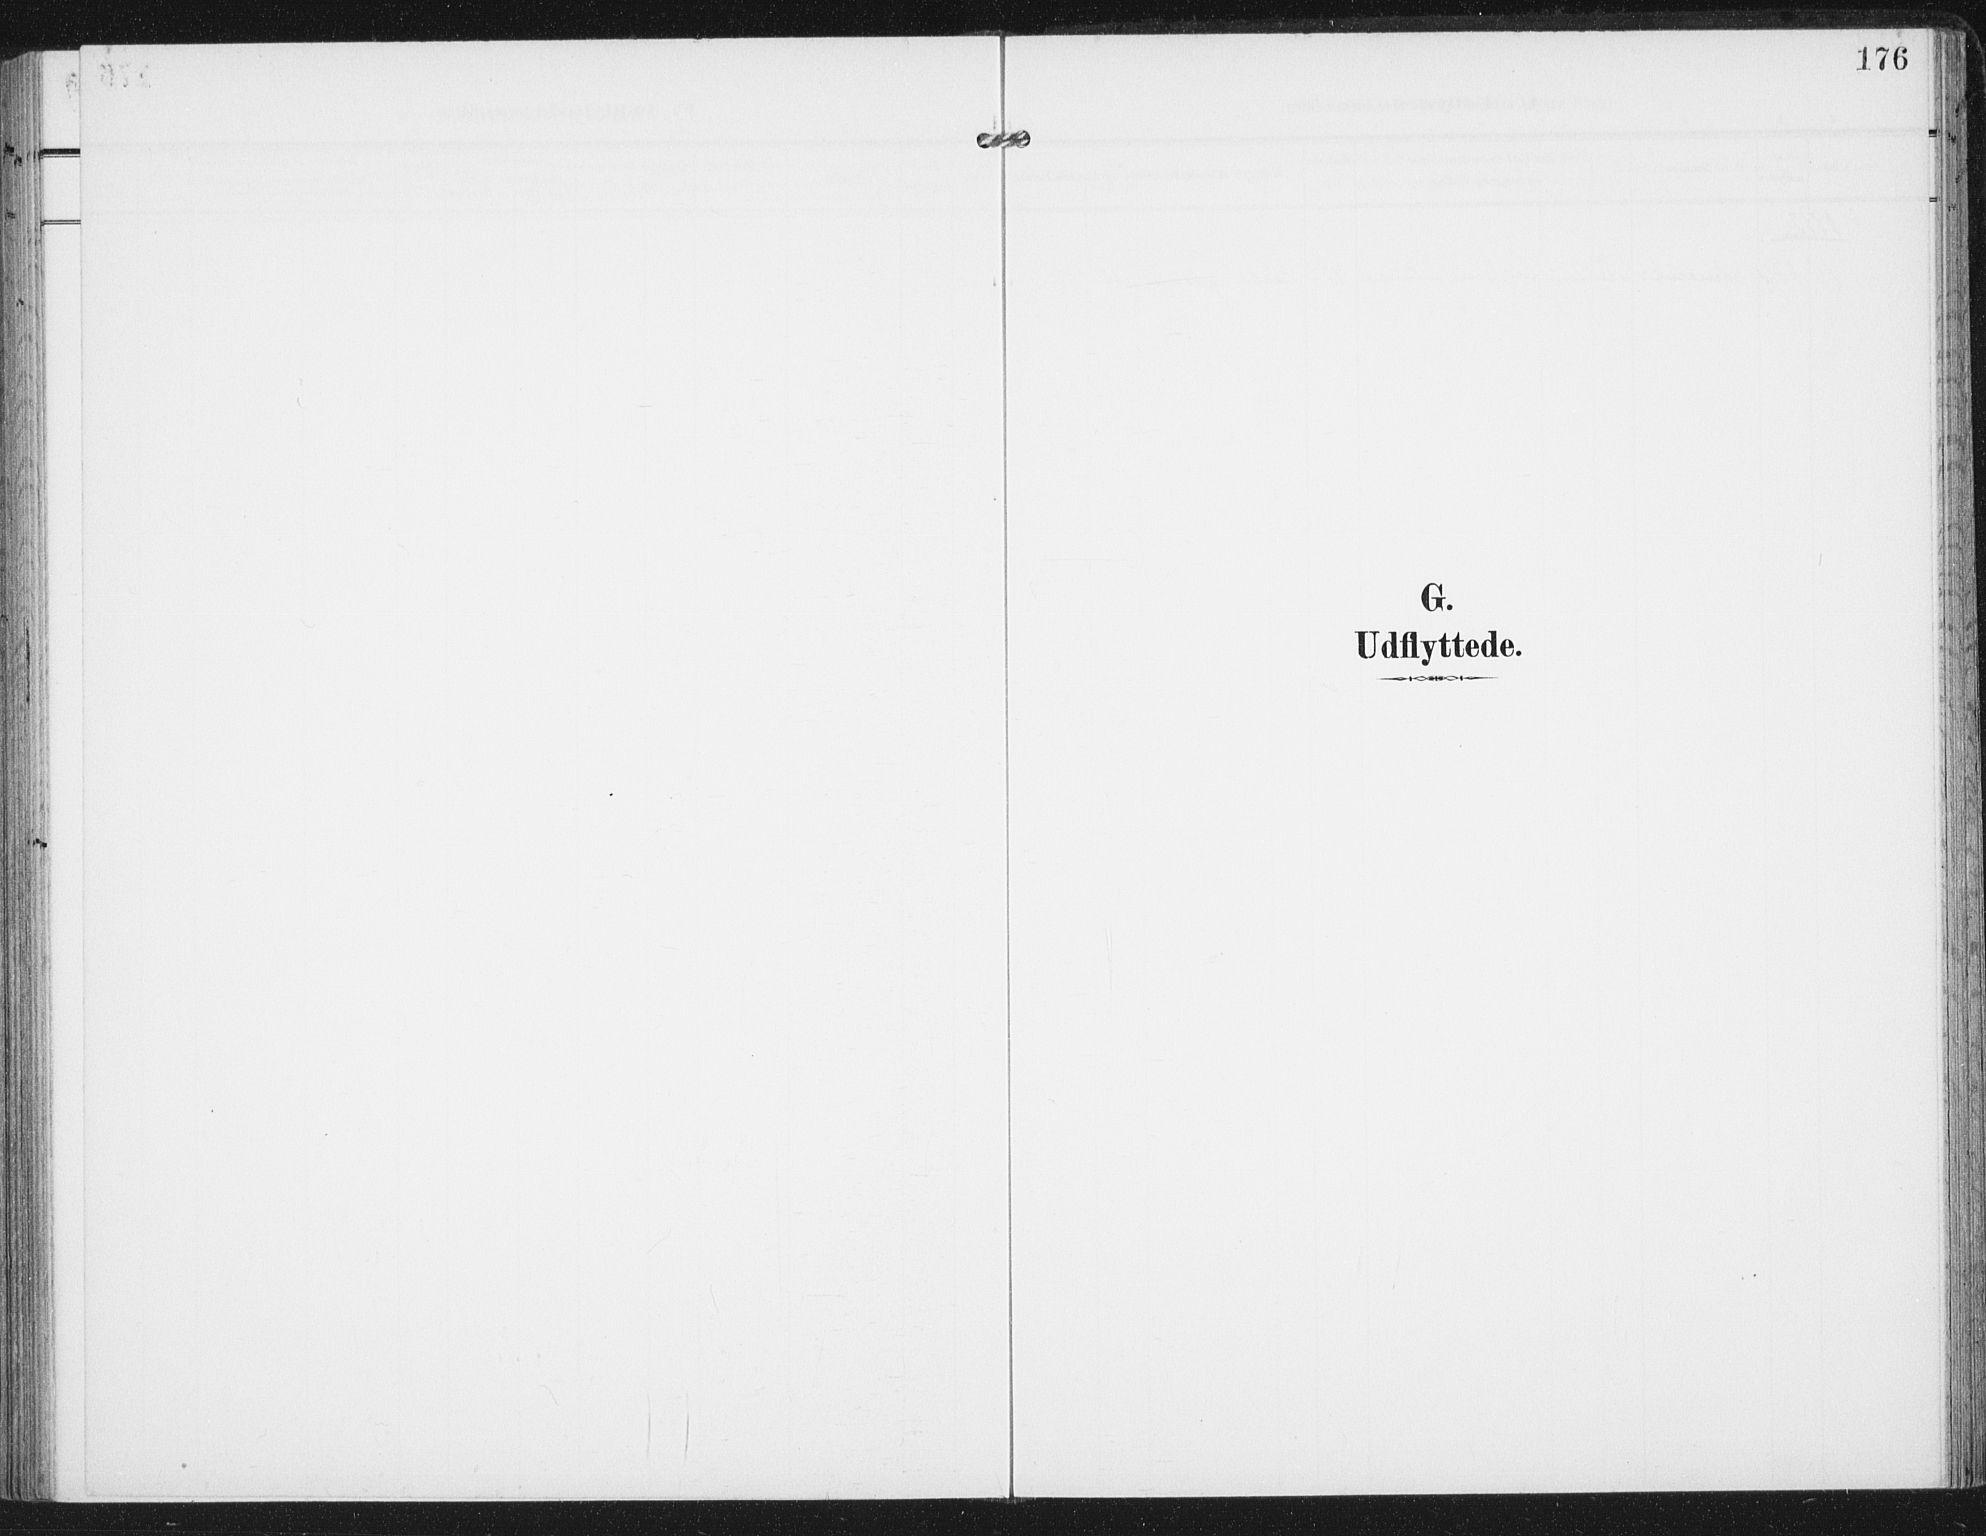 SAT, Ministerialprotokoller, klokkerbøker og fødselsregistre - Nordland, 885/L1206: Parish register (official) no. 885A07, 1905-1915, p. 176